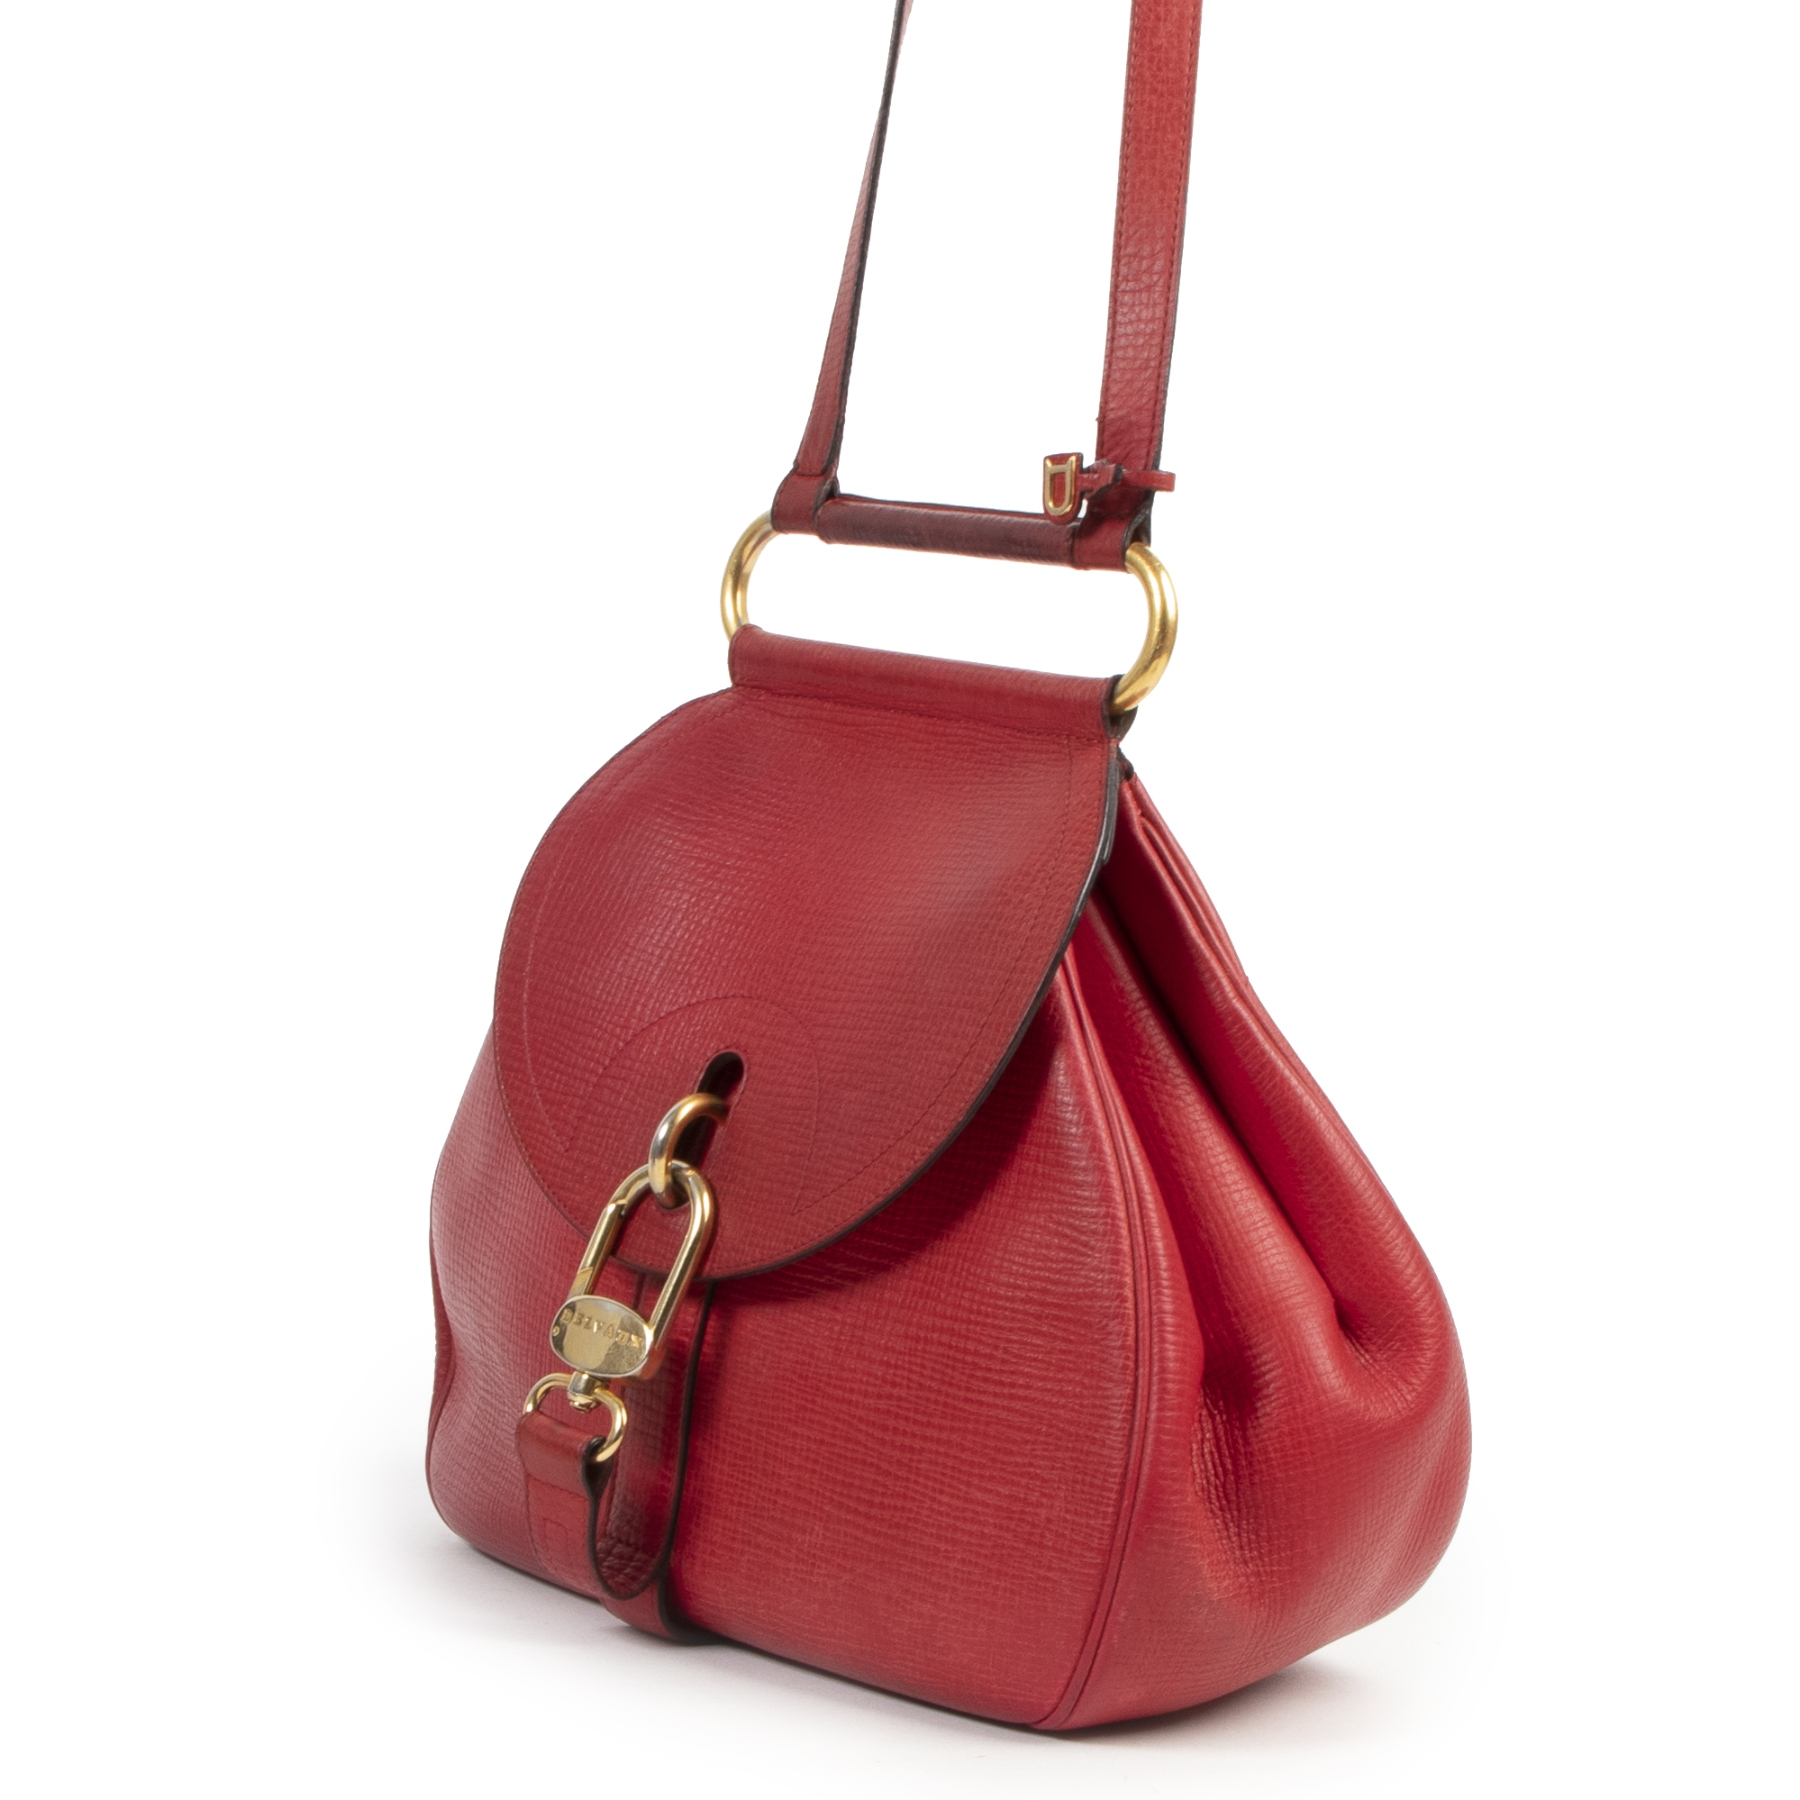 Koop authentieke tweedehands Delvaux handtasssen met juiste prijs bij LabelLOV.